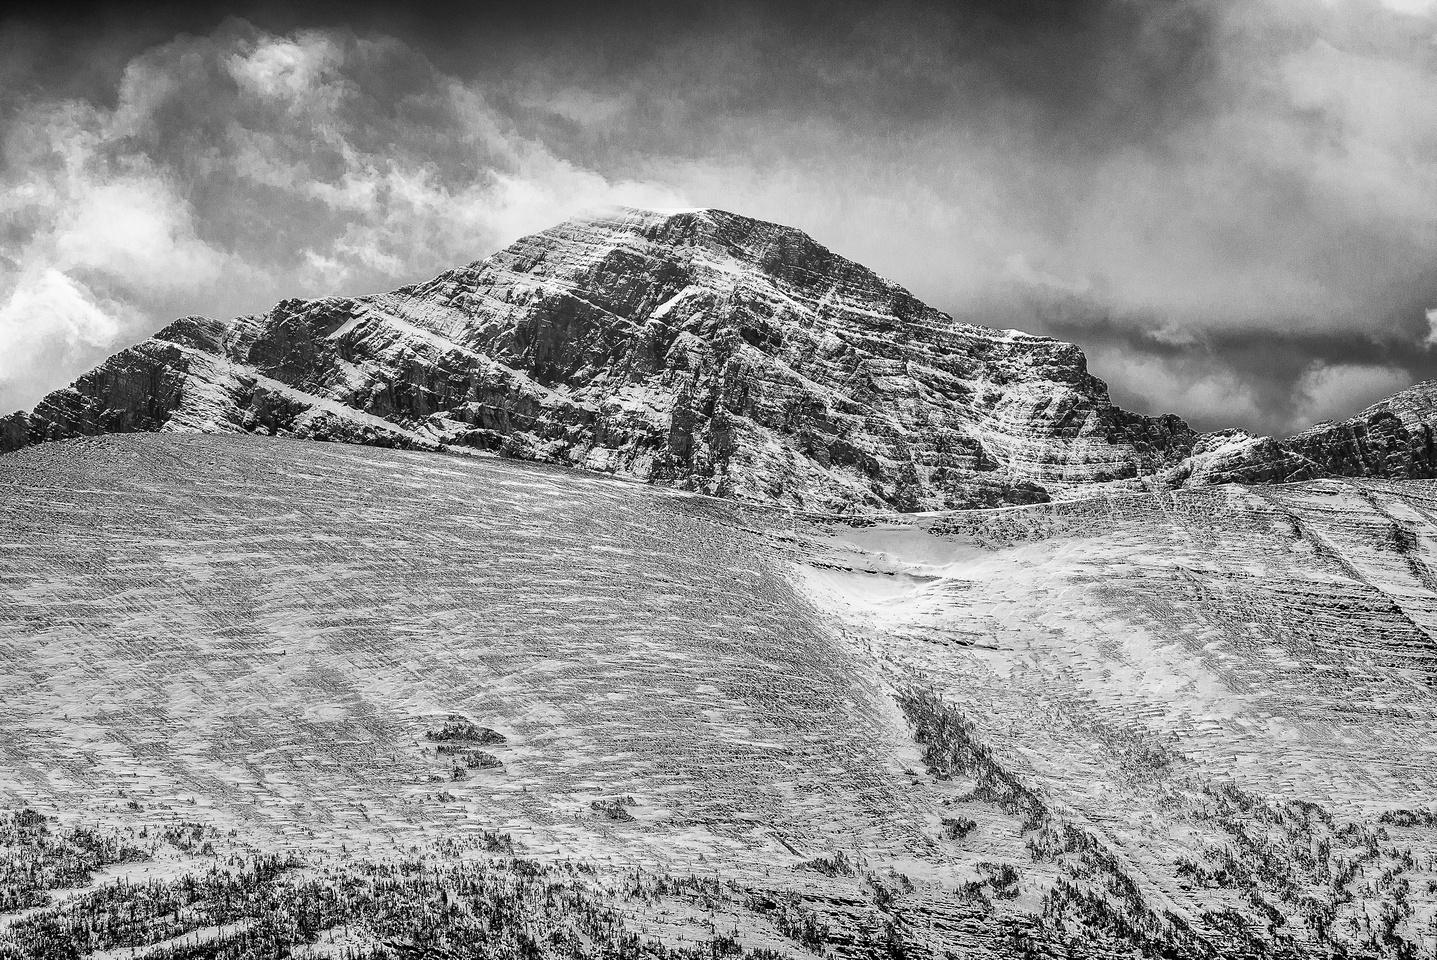 Arras Peak.